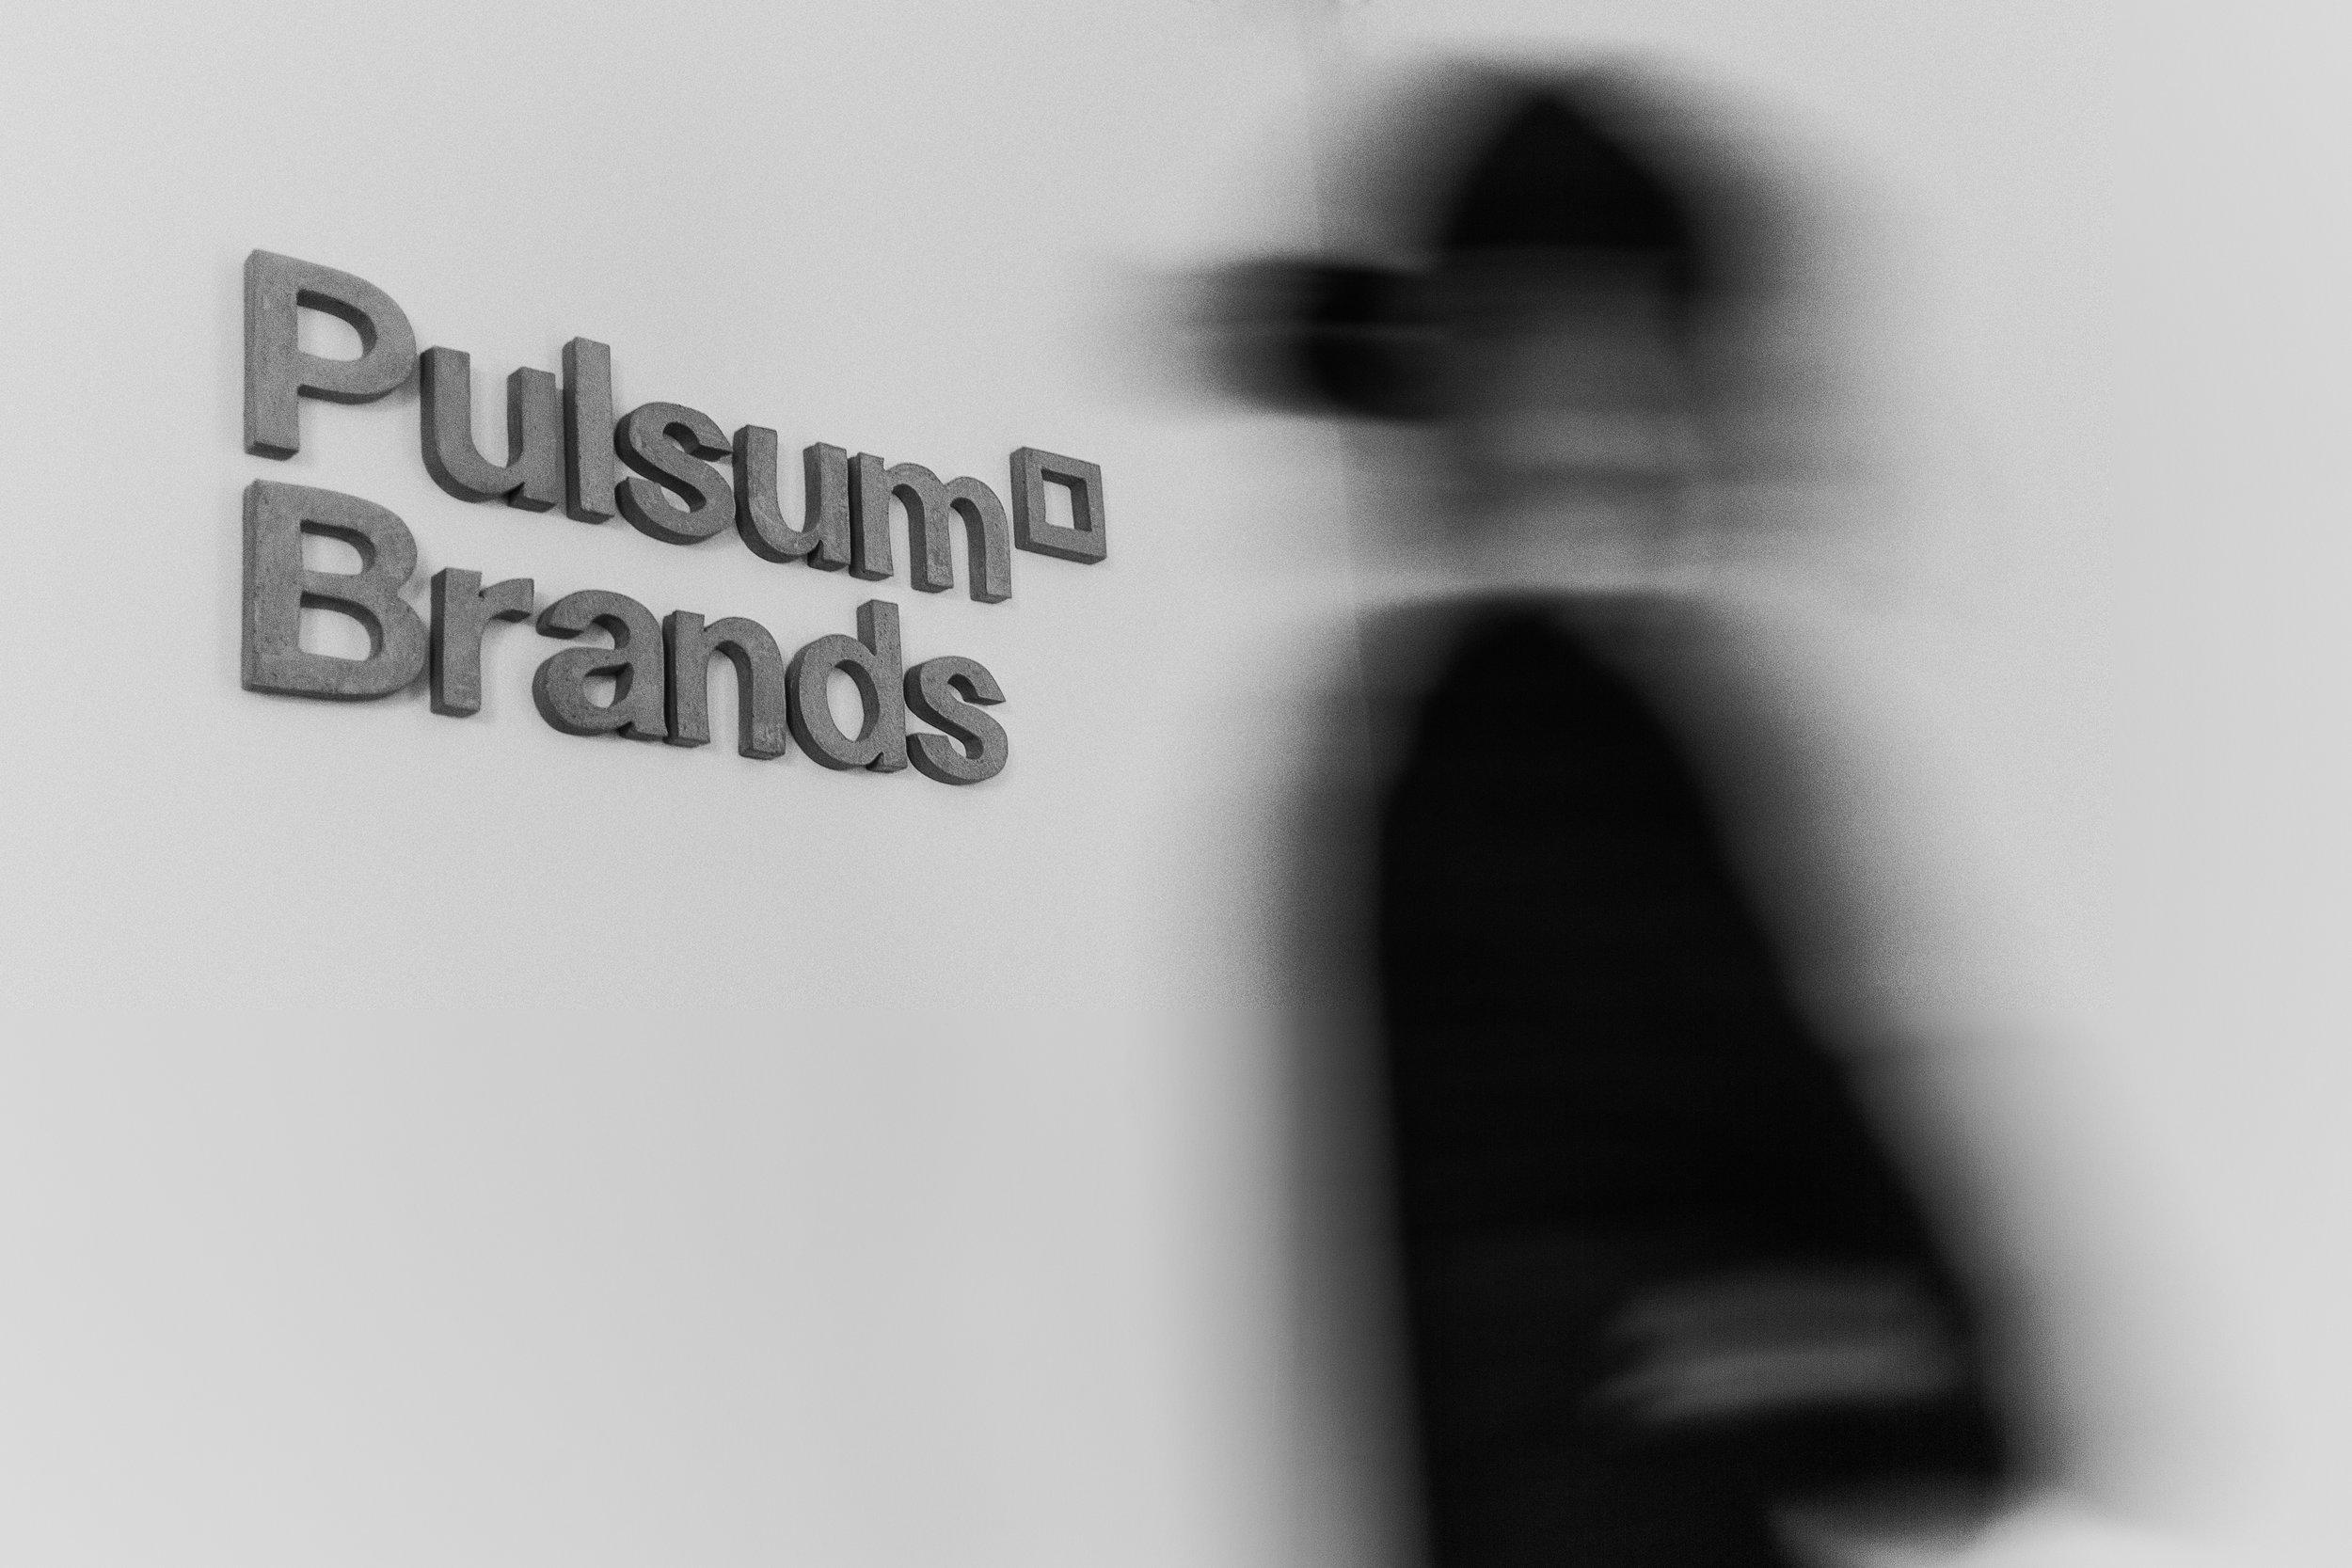 PulsumBrands_7.jpg